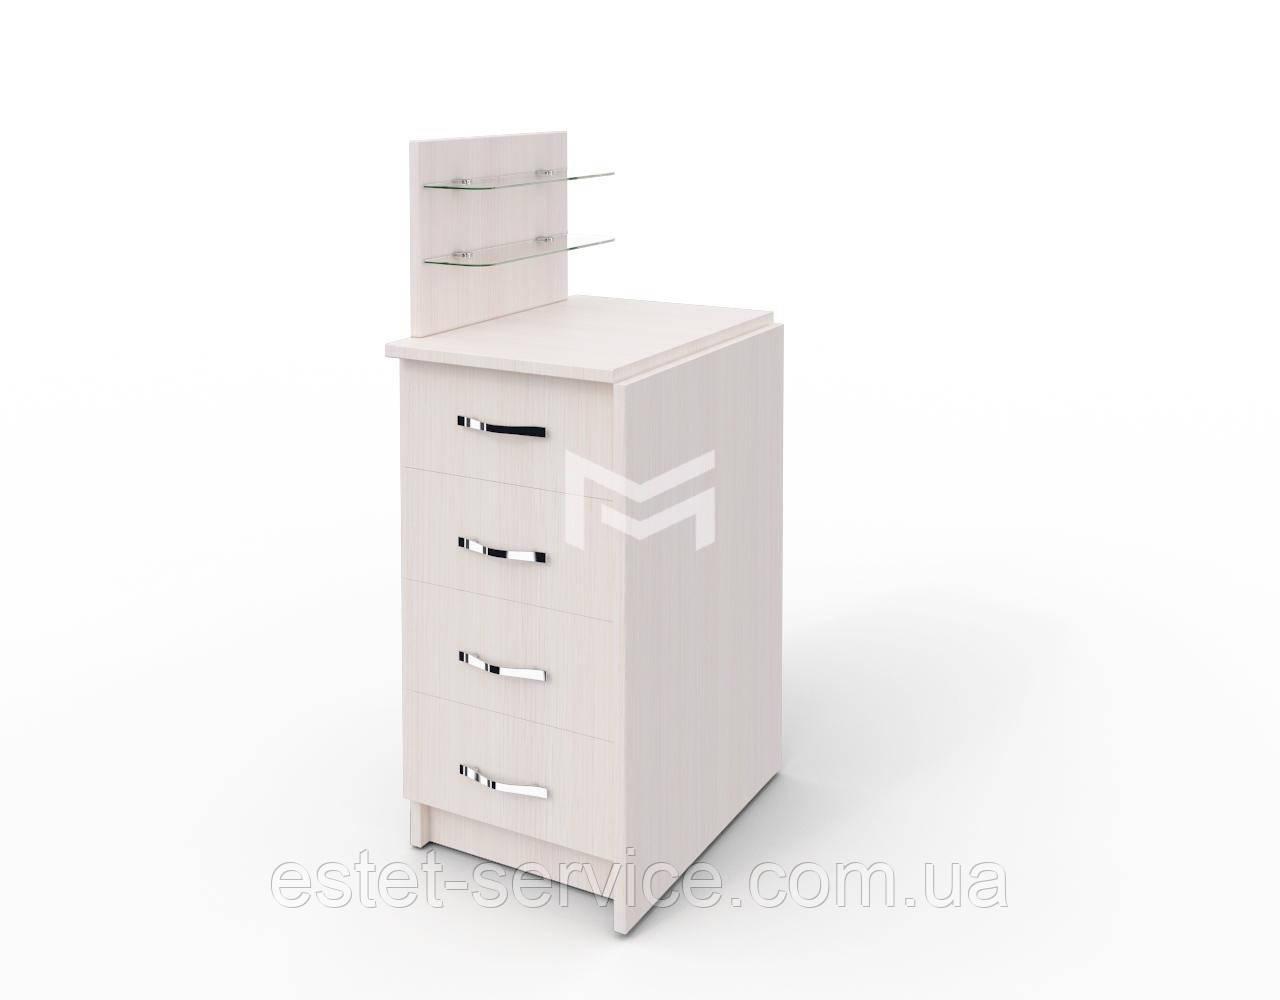 Стол для маникюра Классик компакт в БЕЛОМ цвете